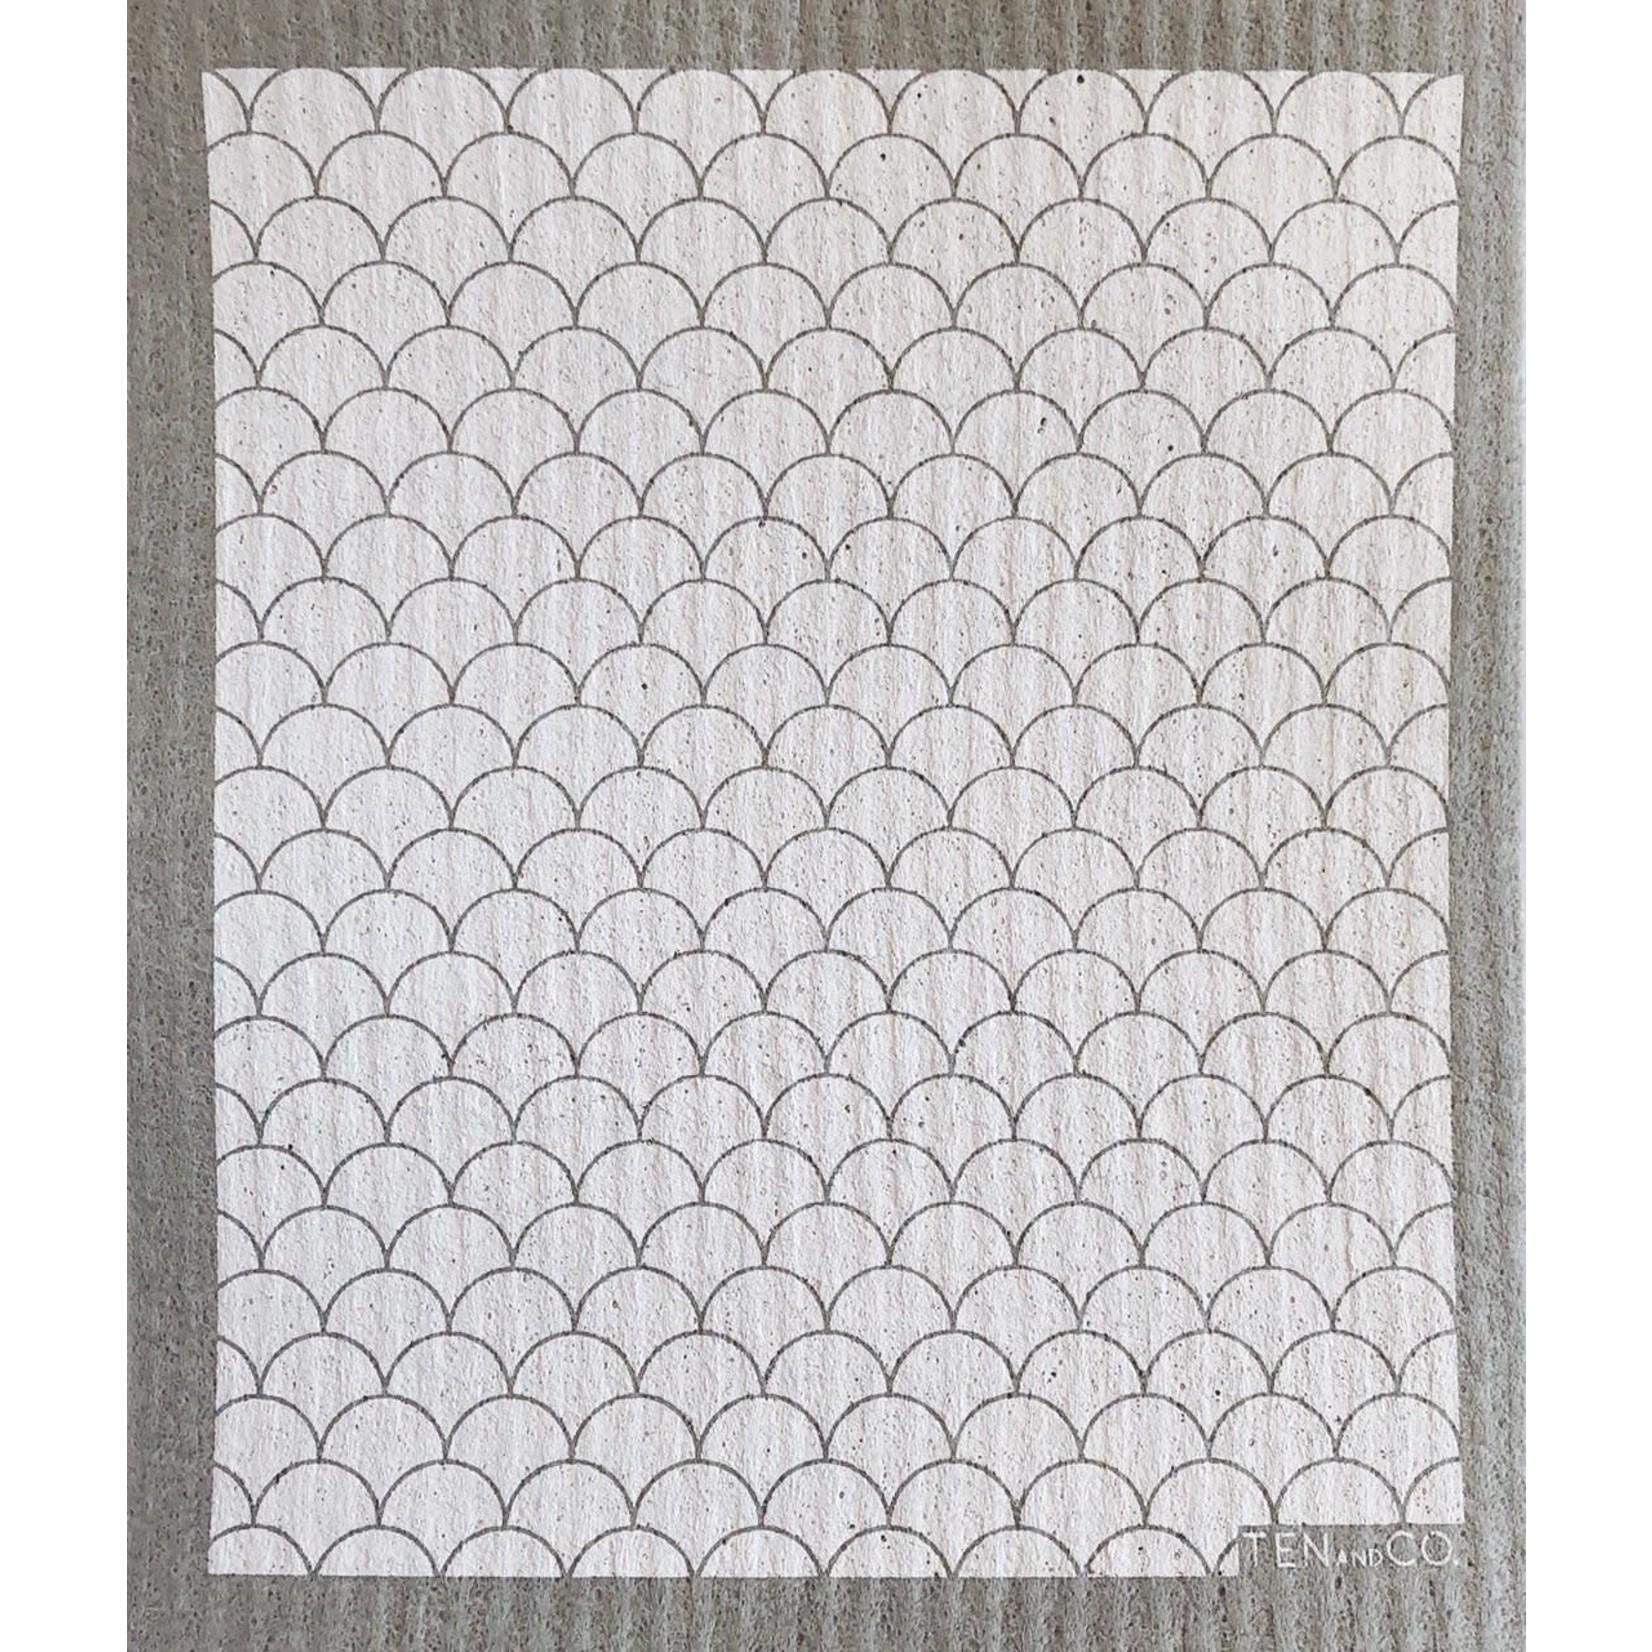 TEN AND CO. Sponge Cloth Scallop White + Grey